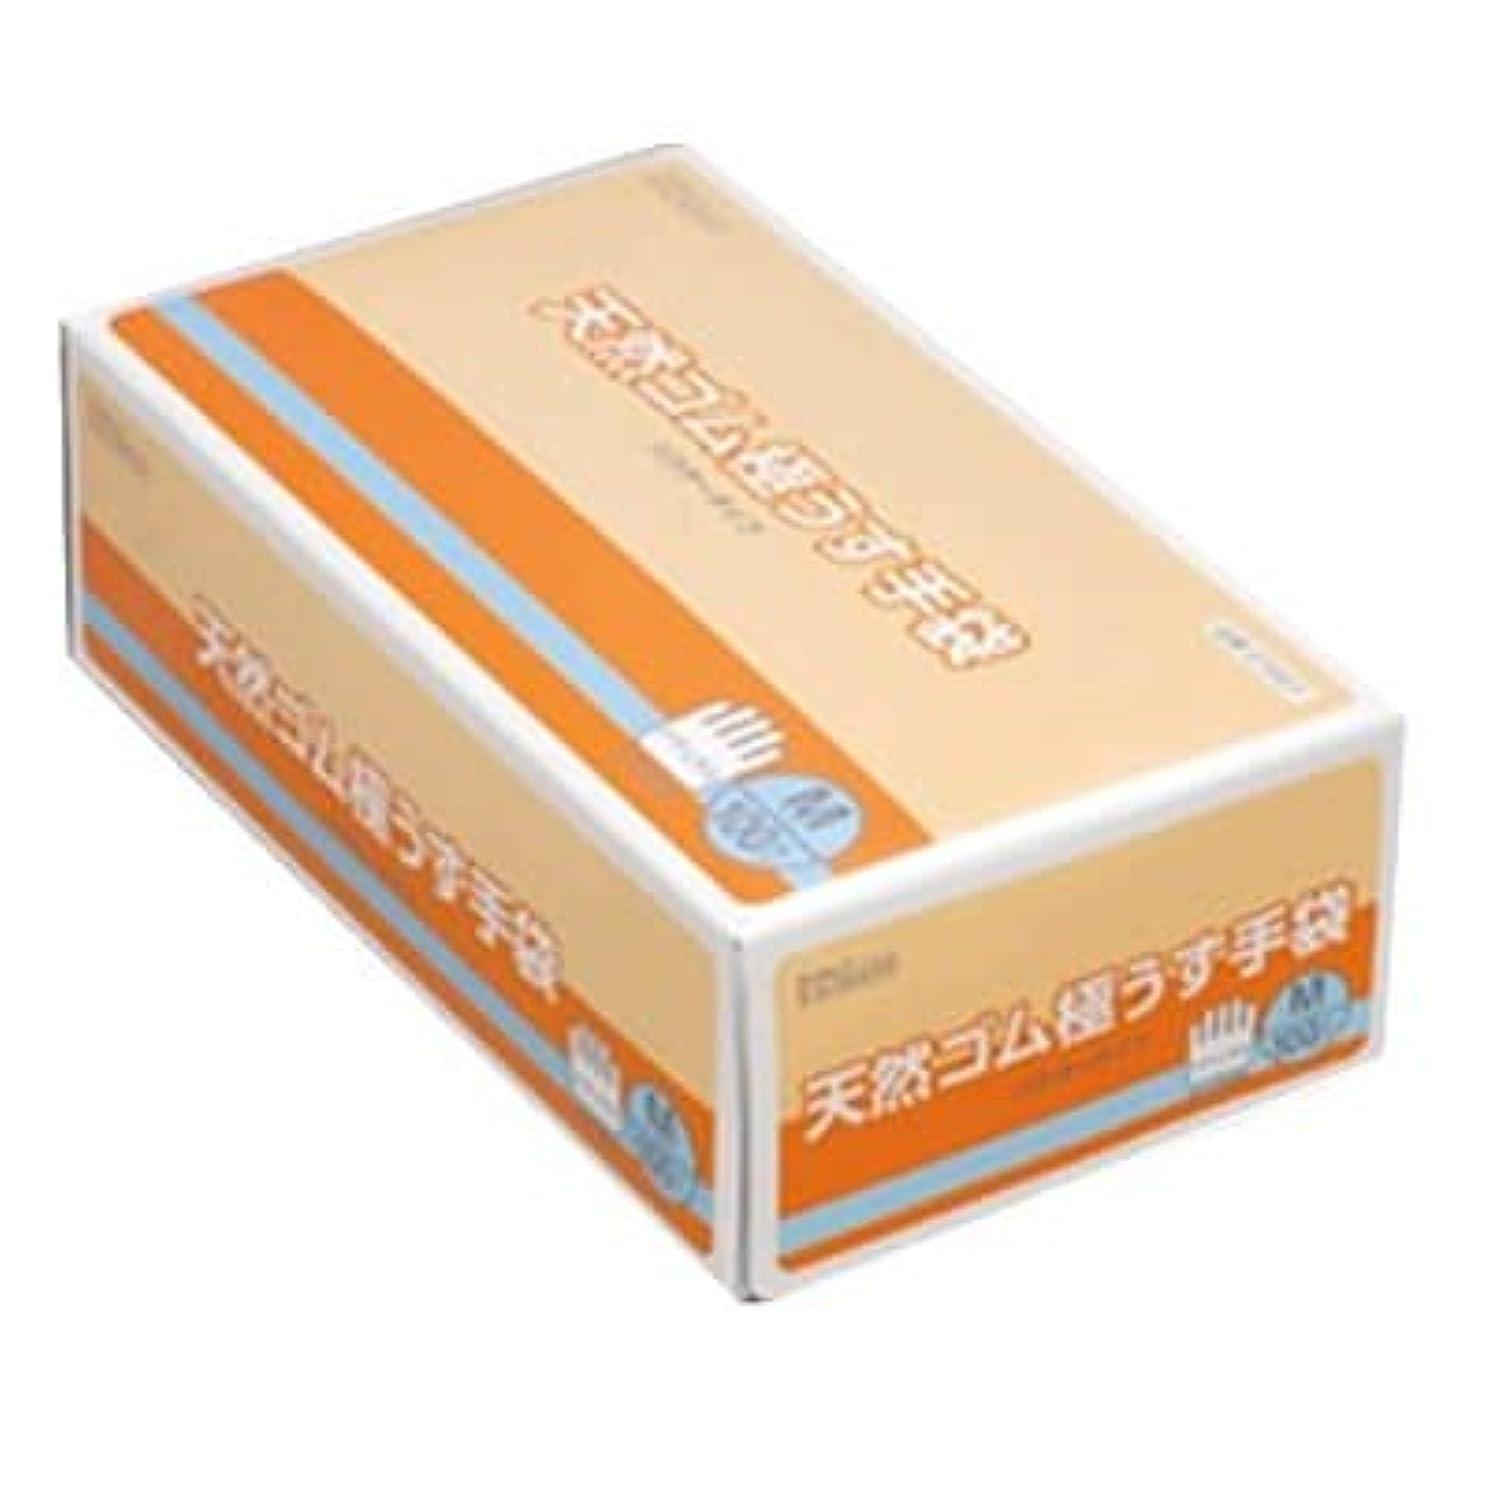 キャストスパン鍔【ケース販売】 ダンロップ 天然ゴム極うす手袋 M ナチュラル (100枚入×20箱)